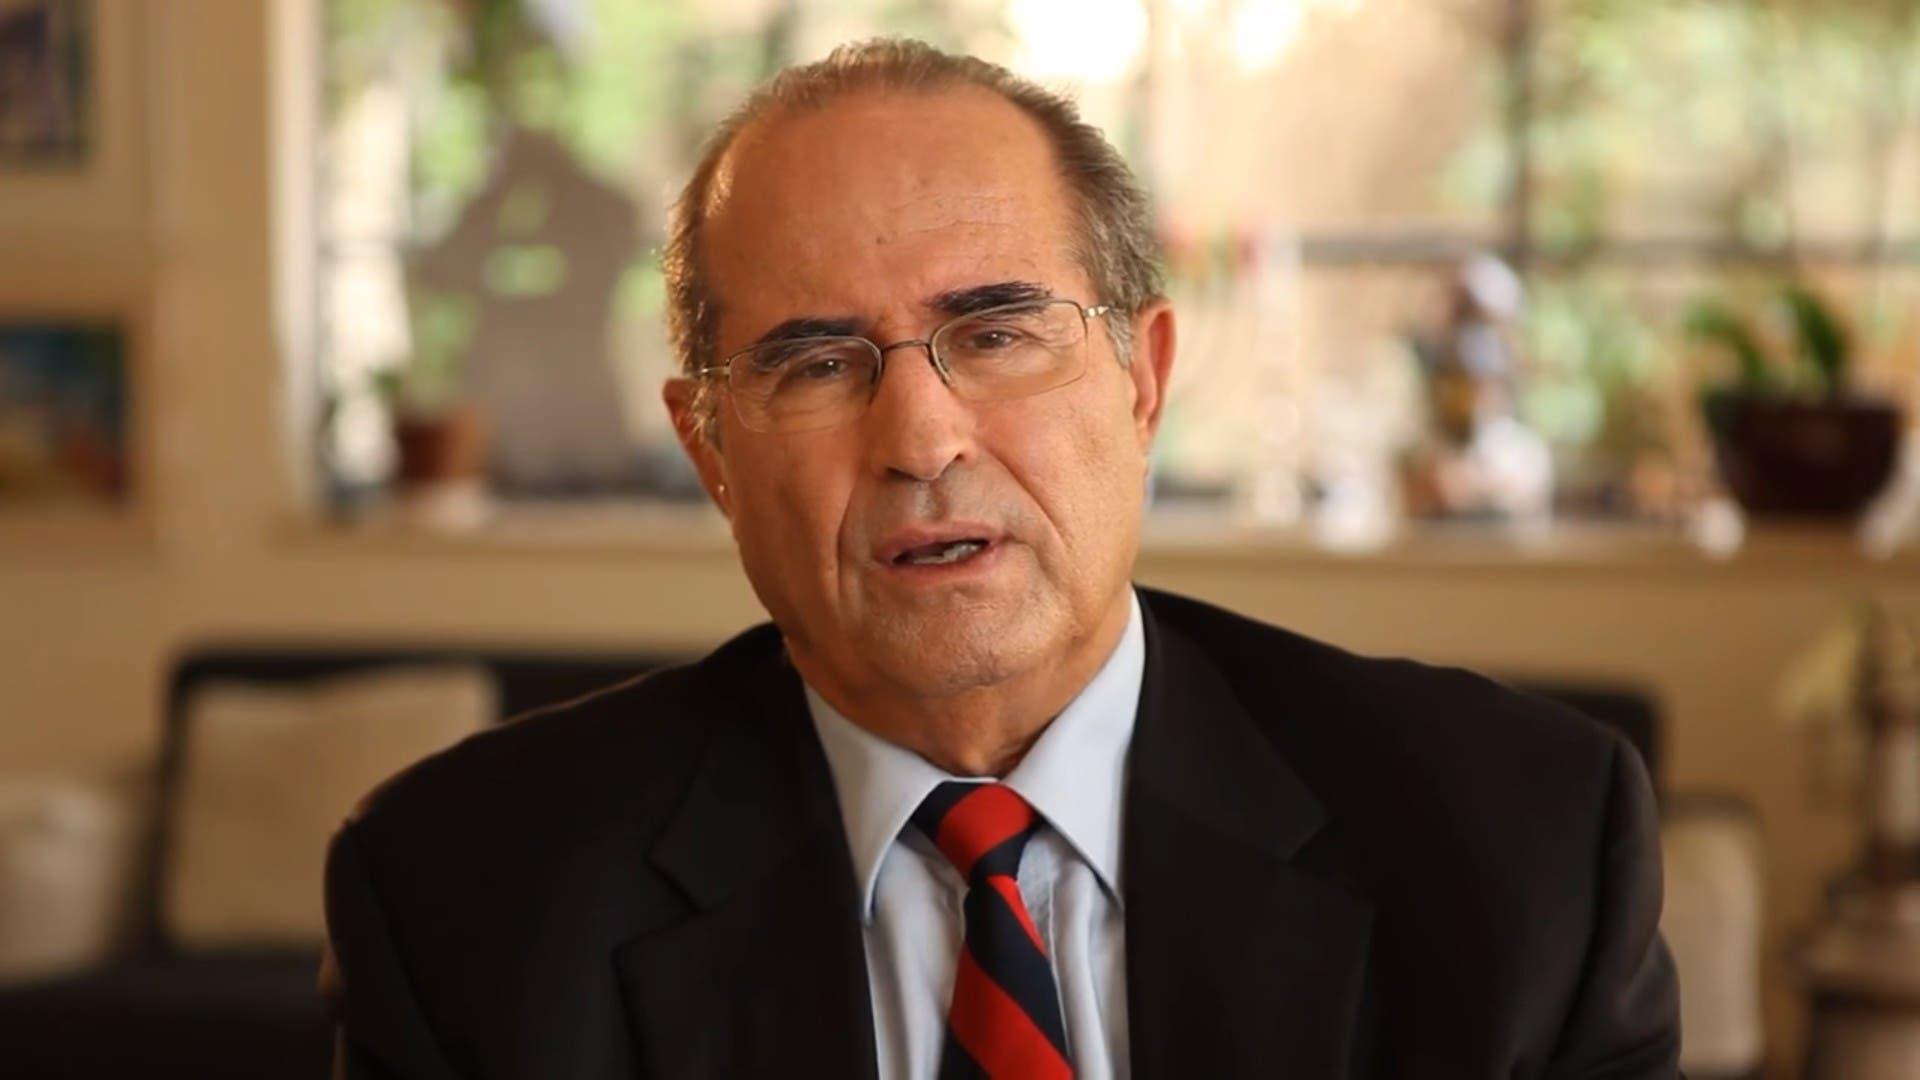 شابتاي شافيت مدير الاستخبارات الإسرائيلية (الموساد) السابق